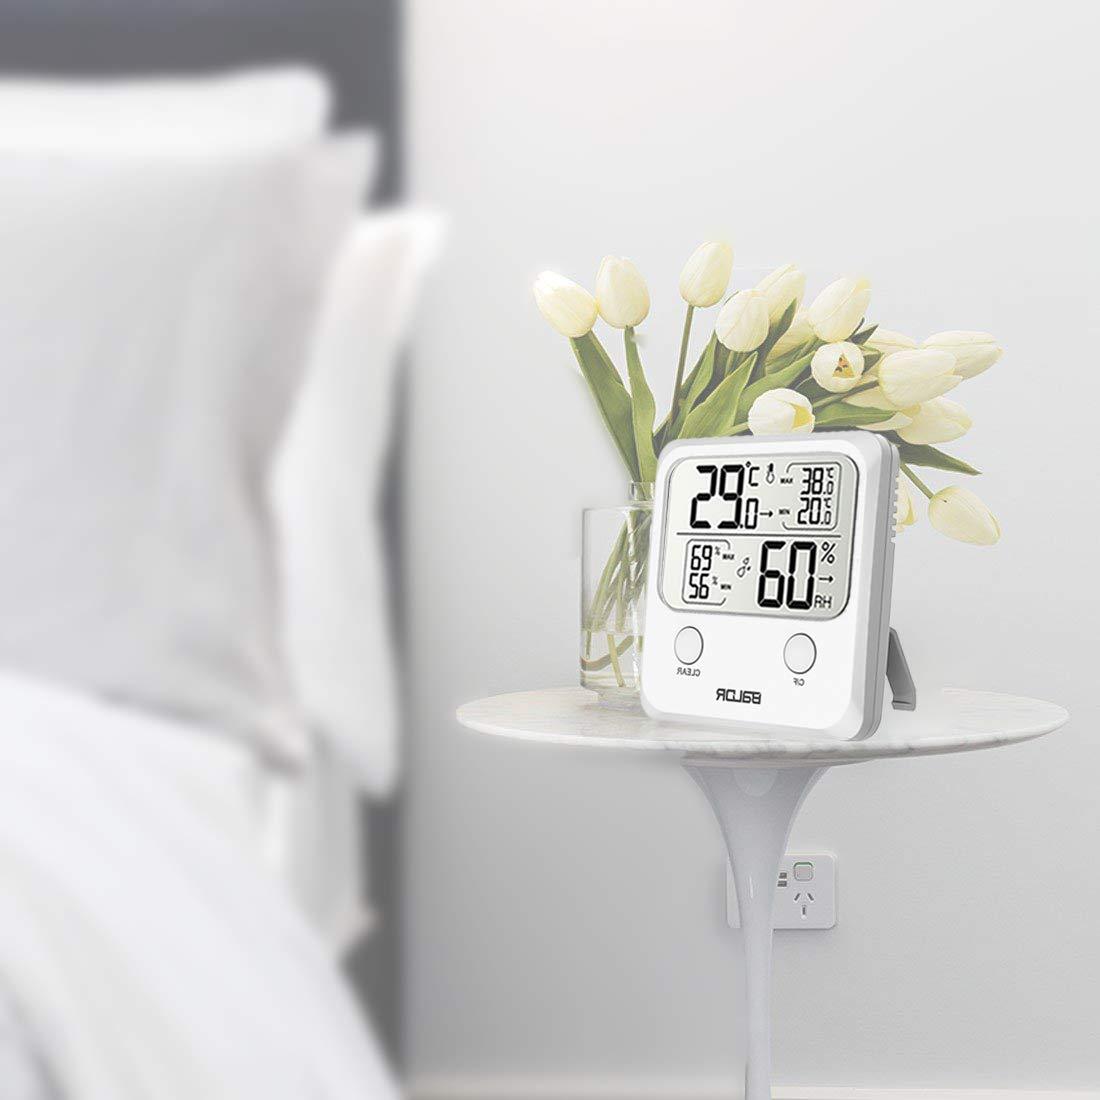 zimmertemperatur schlafzimmer sommer bettdecken kaufen depot bettw sche kinder gr e. Black Bedroom Furniture Sets. Home Design Ideas